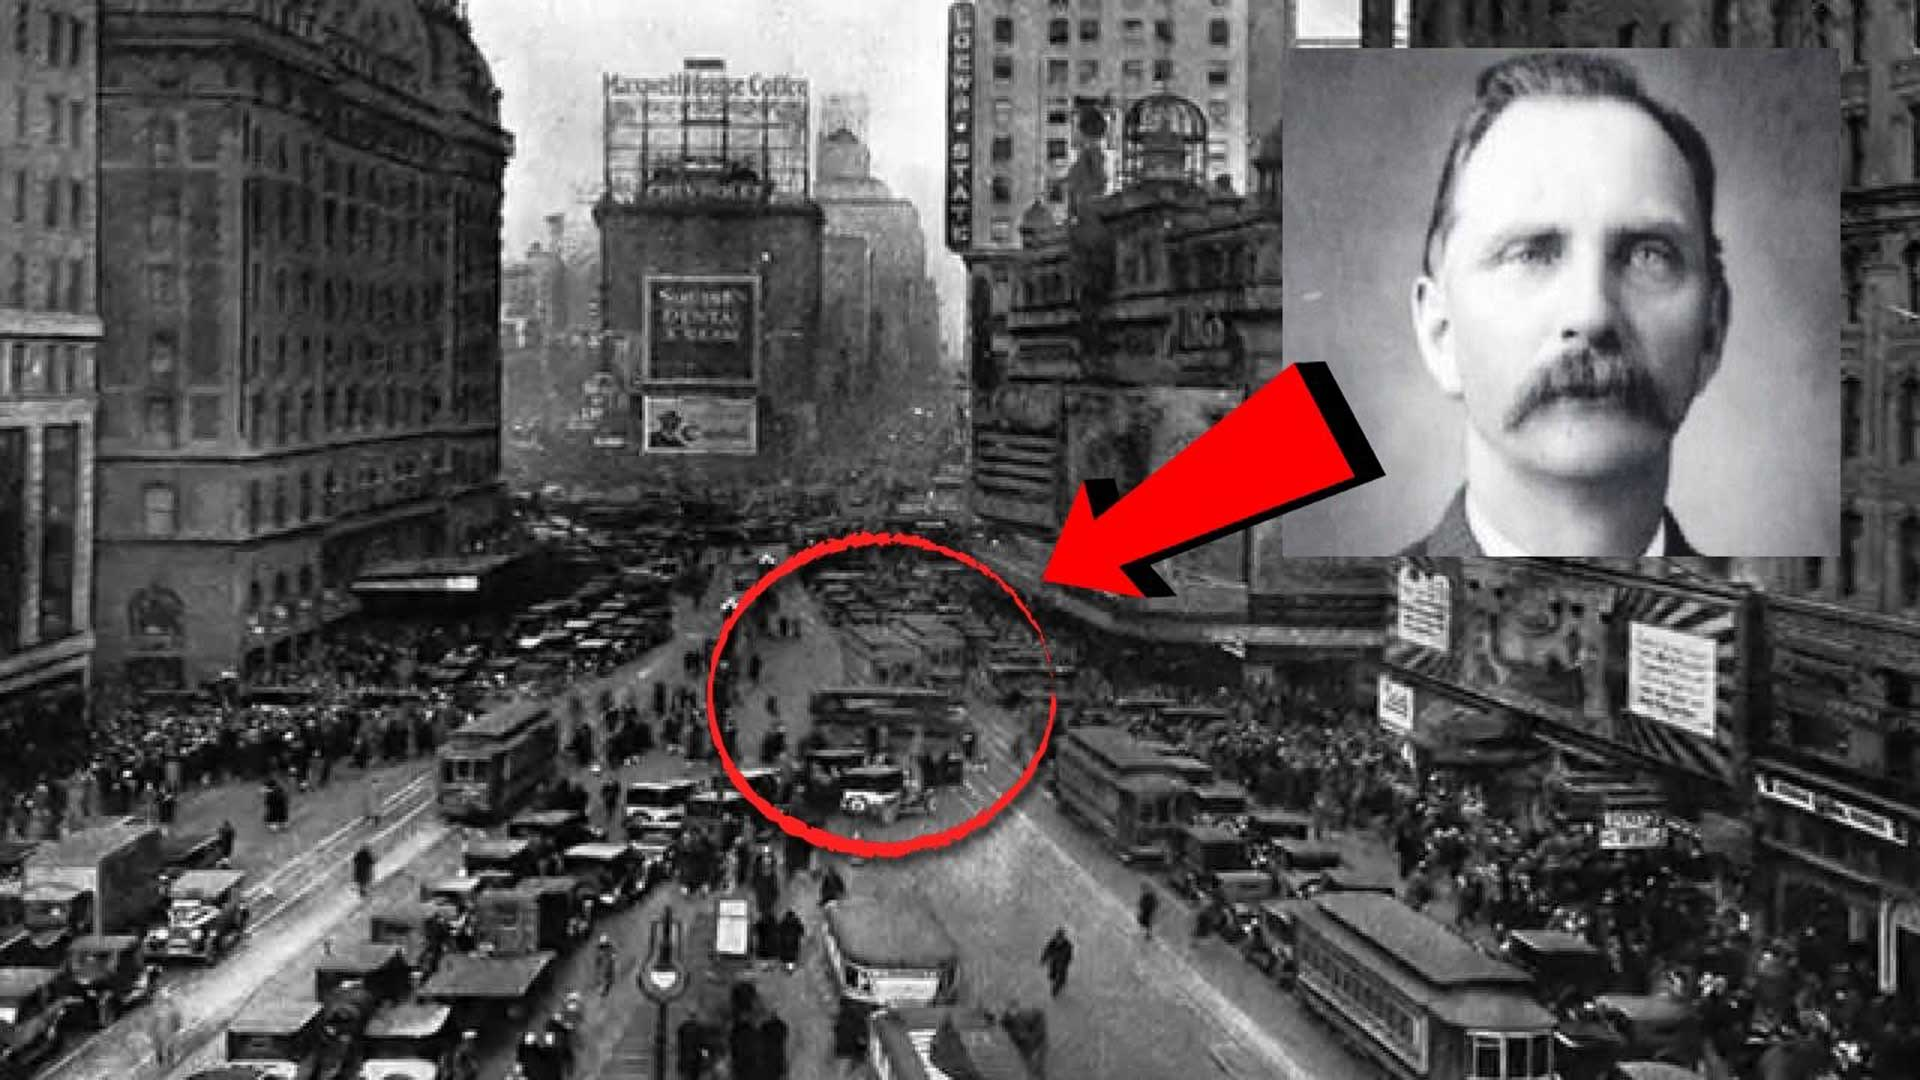 Rudolph Fentz, el hombre que viajó desde el antiguo Oeste al Nueva York de los 50